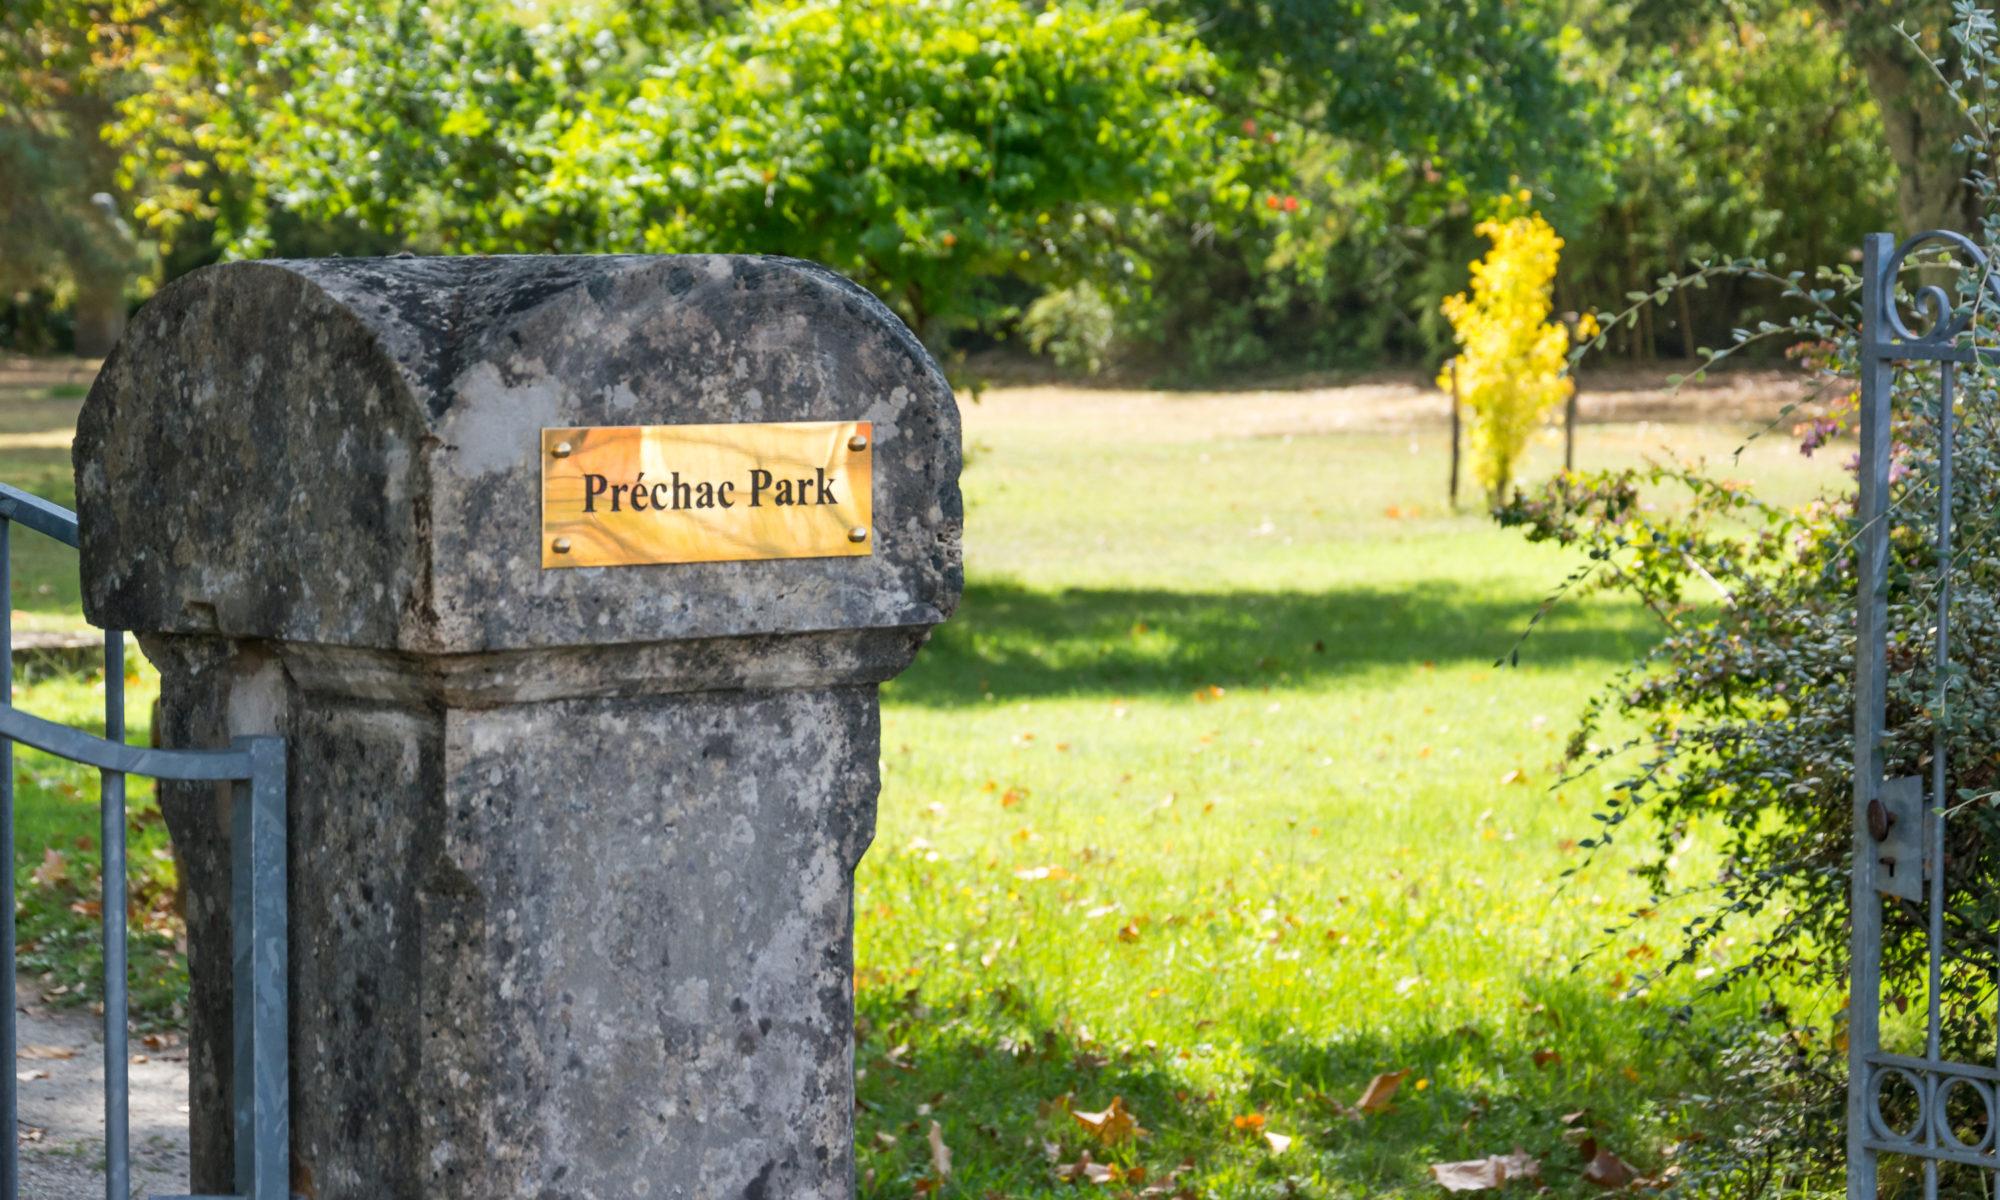 Prechac Park